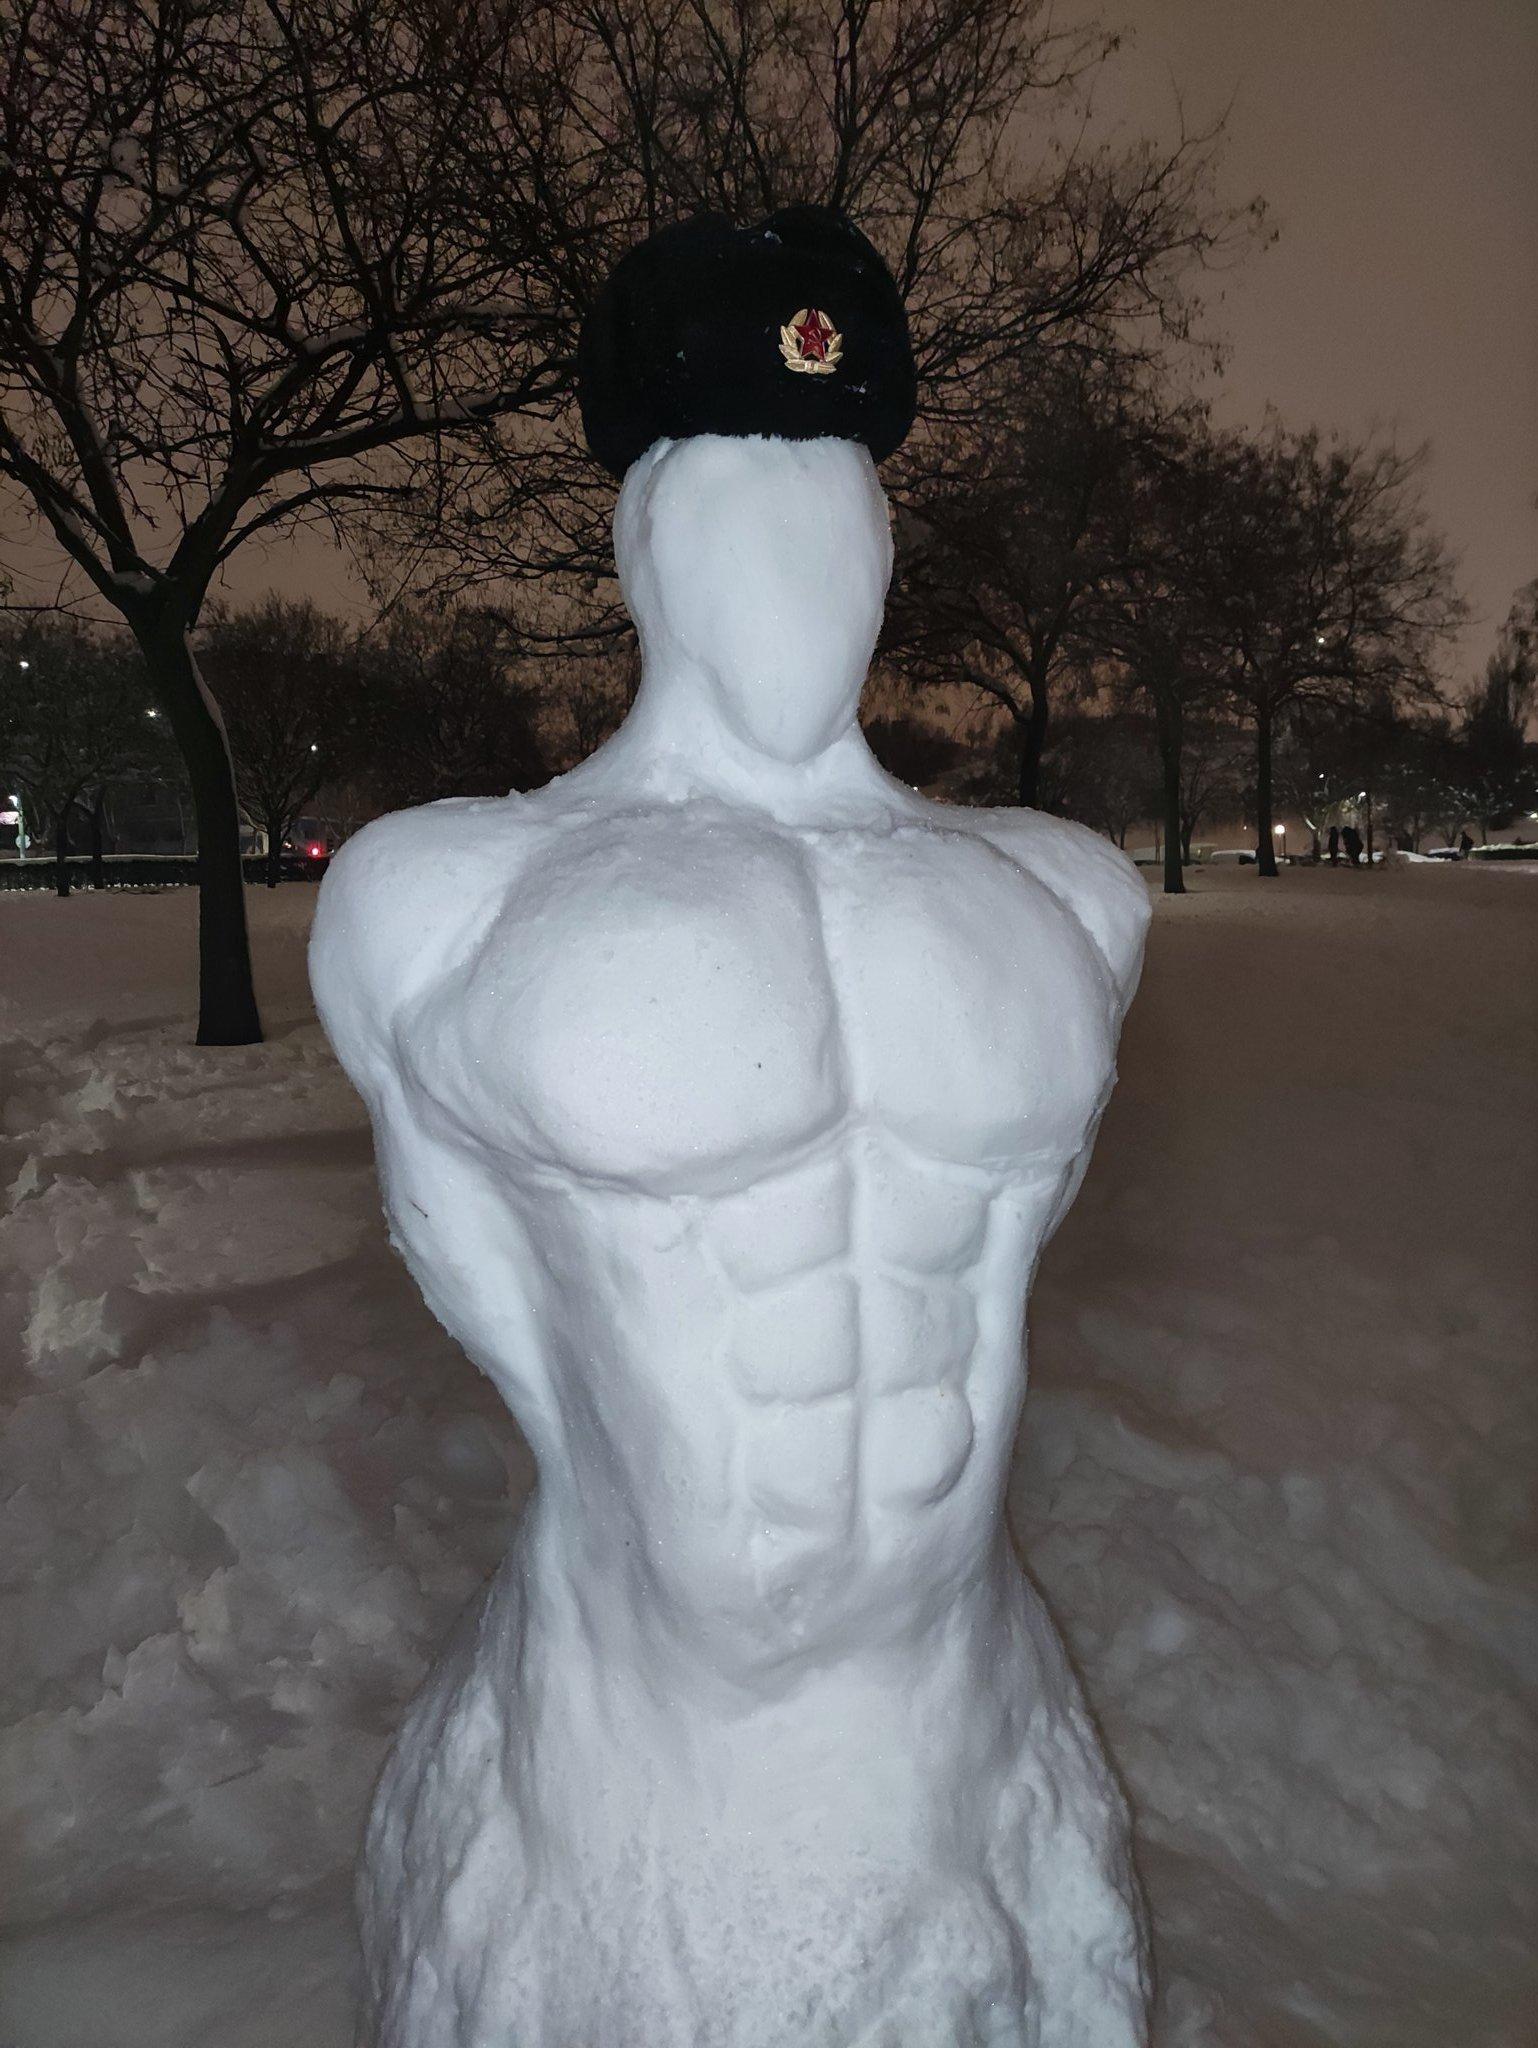 busto de torso comunista de nieve Madrid